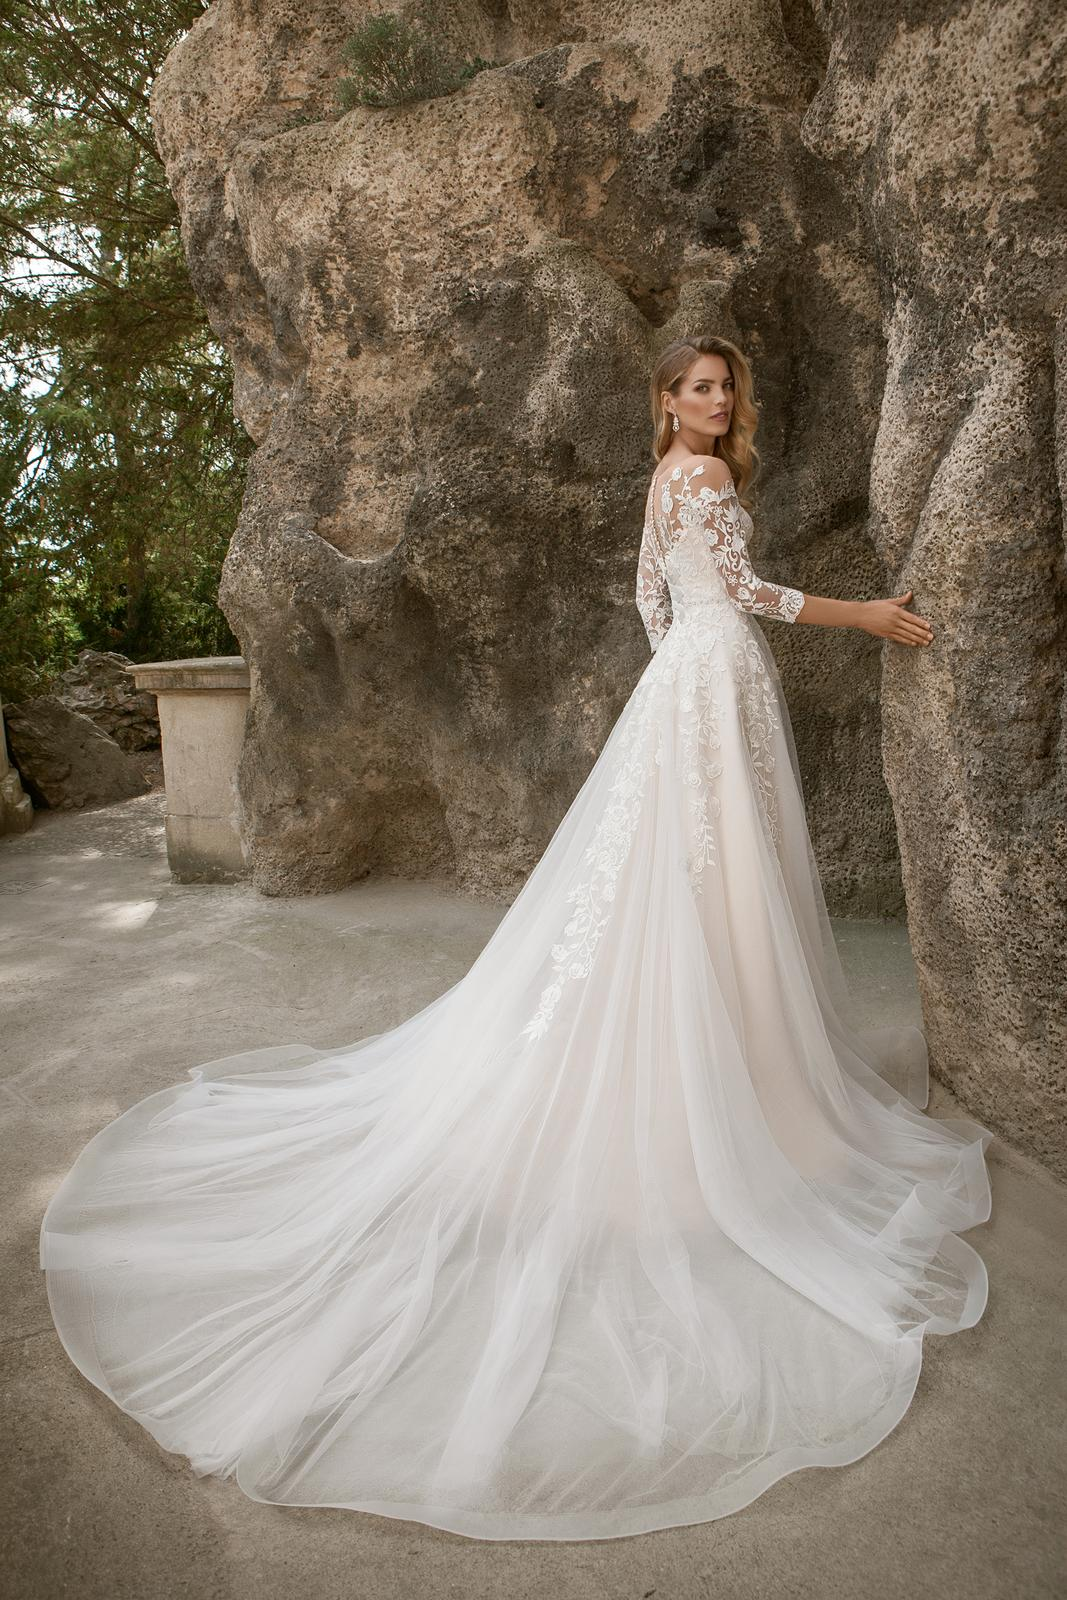 Nová kolekce romantických šatů u nás! - Obrázek č. 11